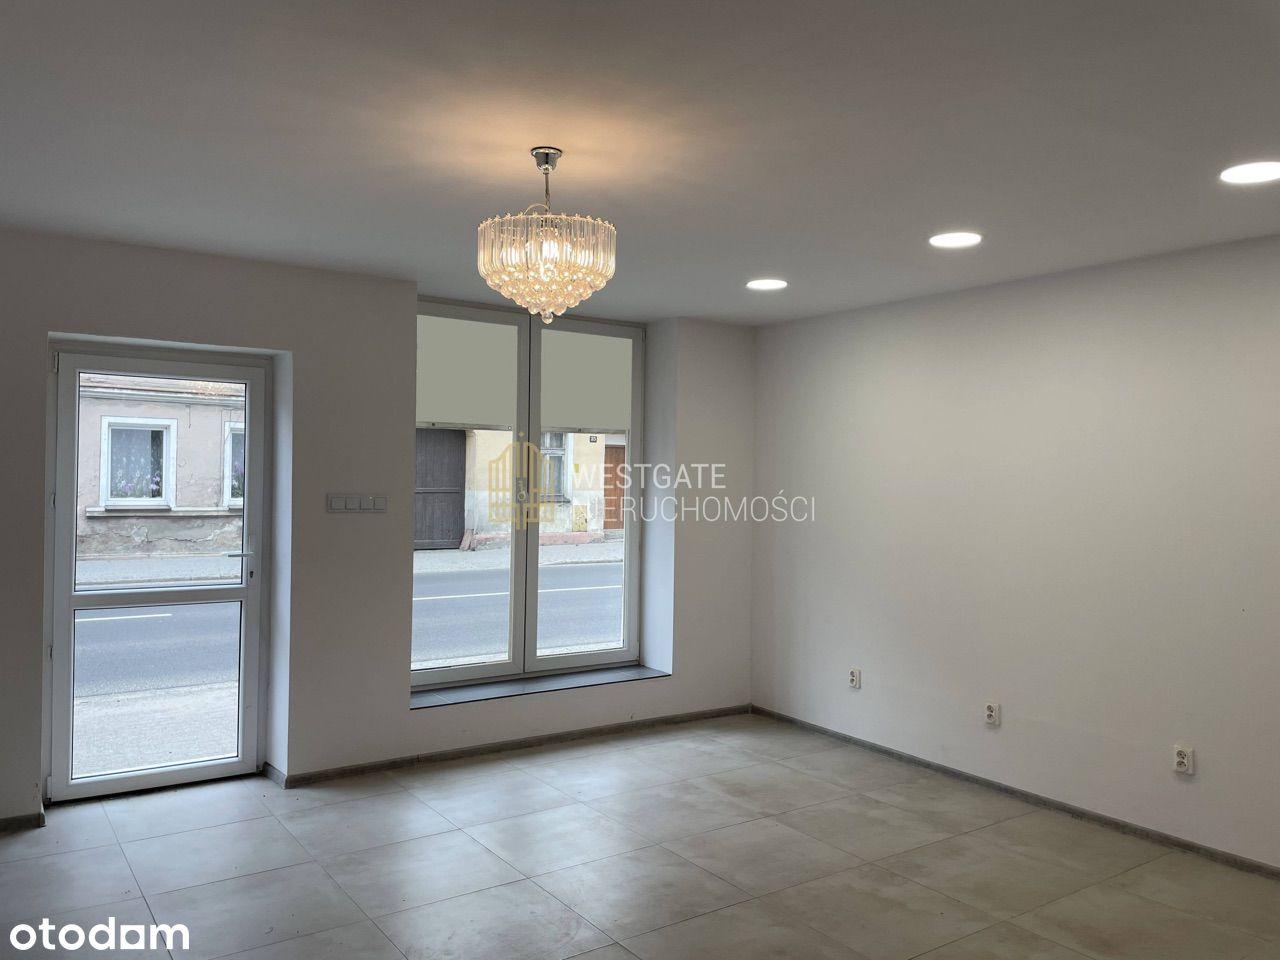 Wyremontowane mieszkanie na parterze -CZYNSZ 120zł